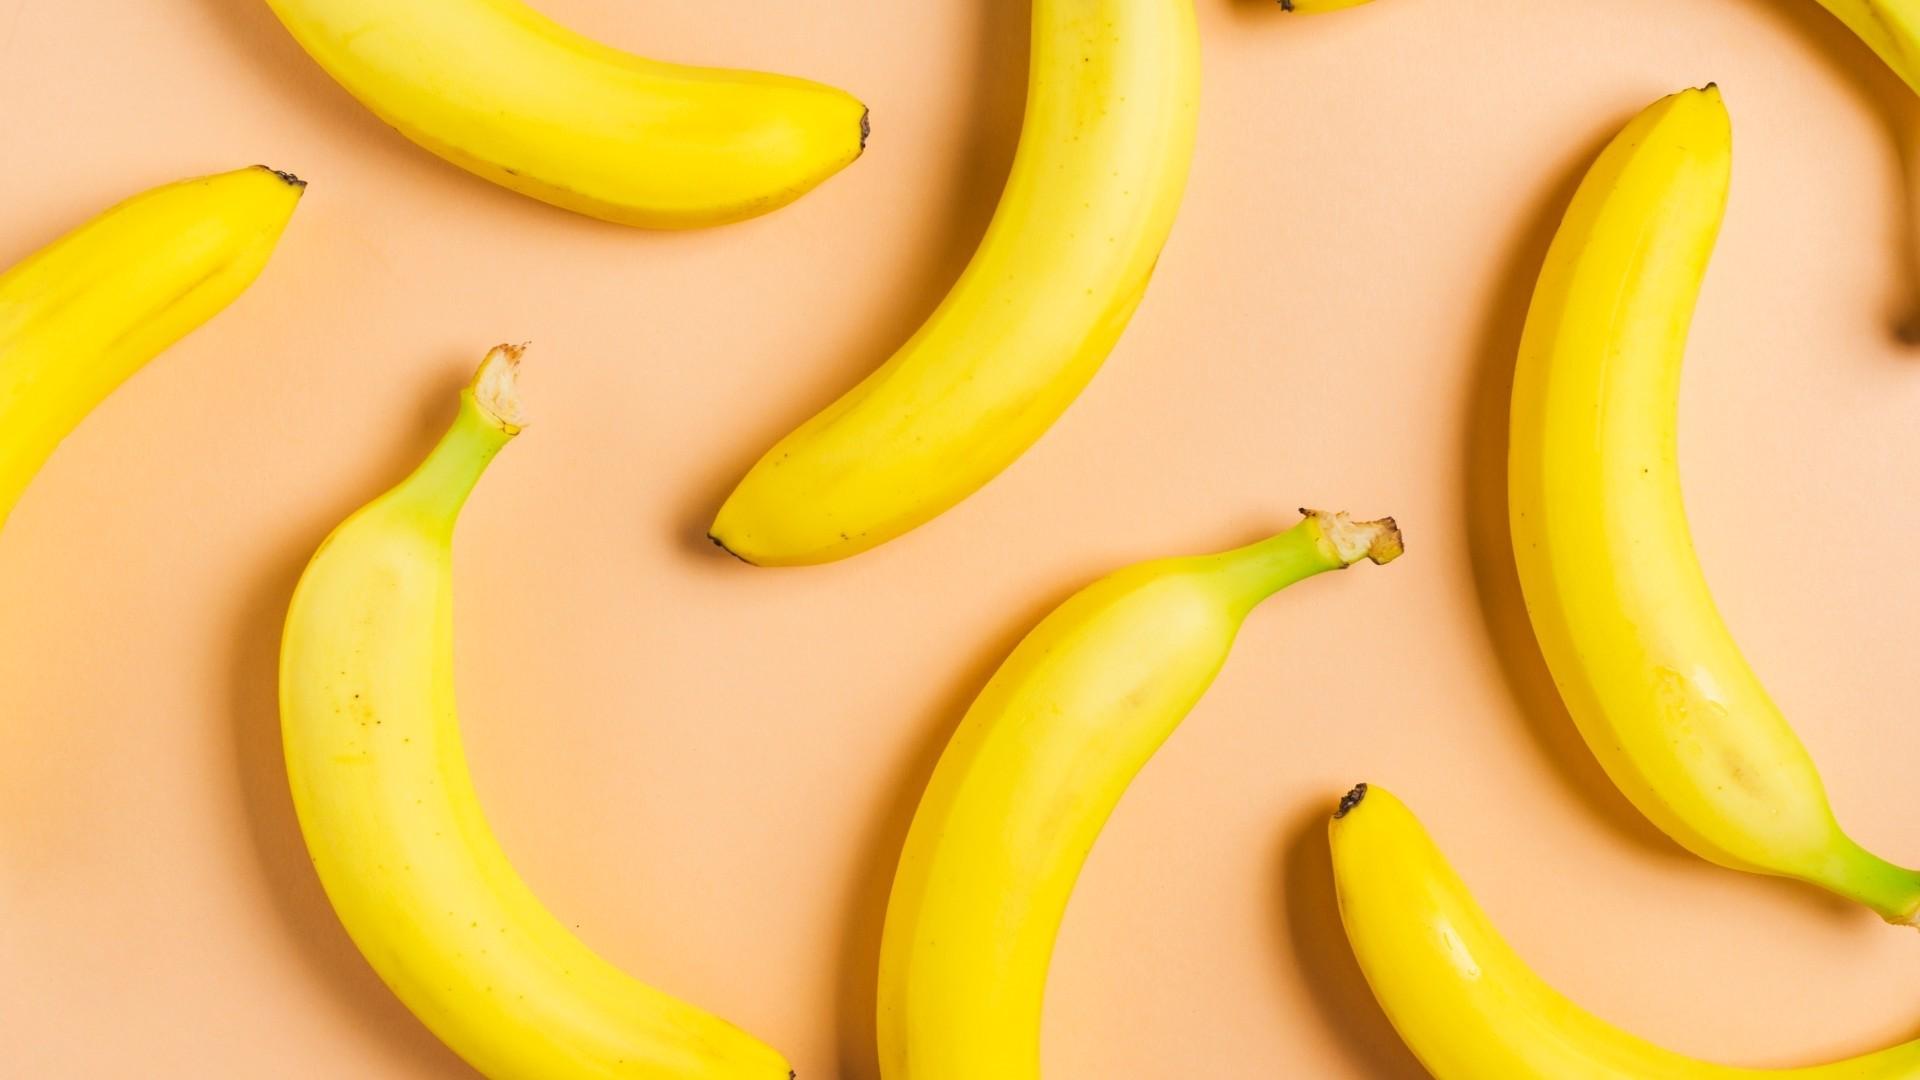 Banana HD Download